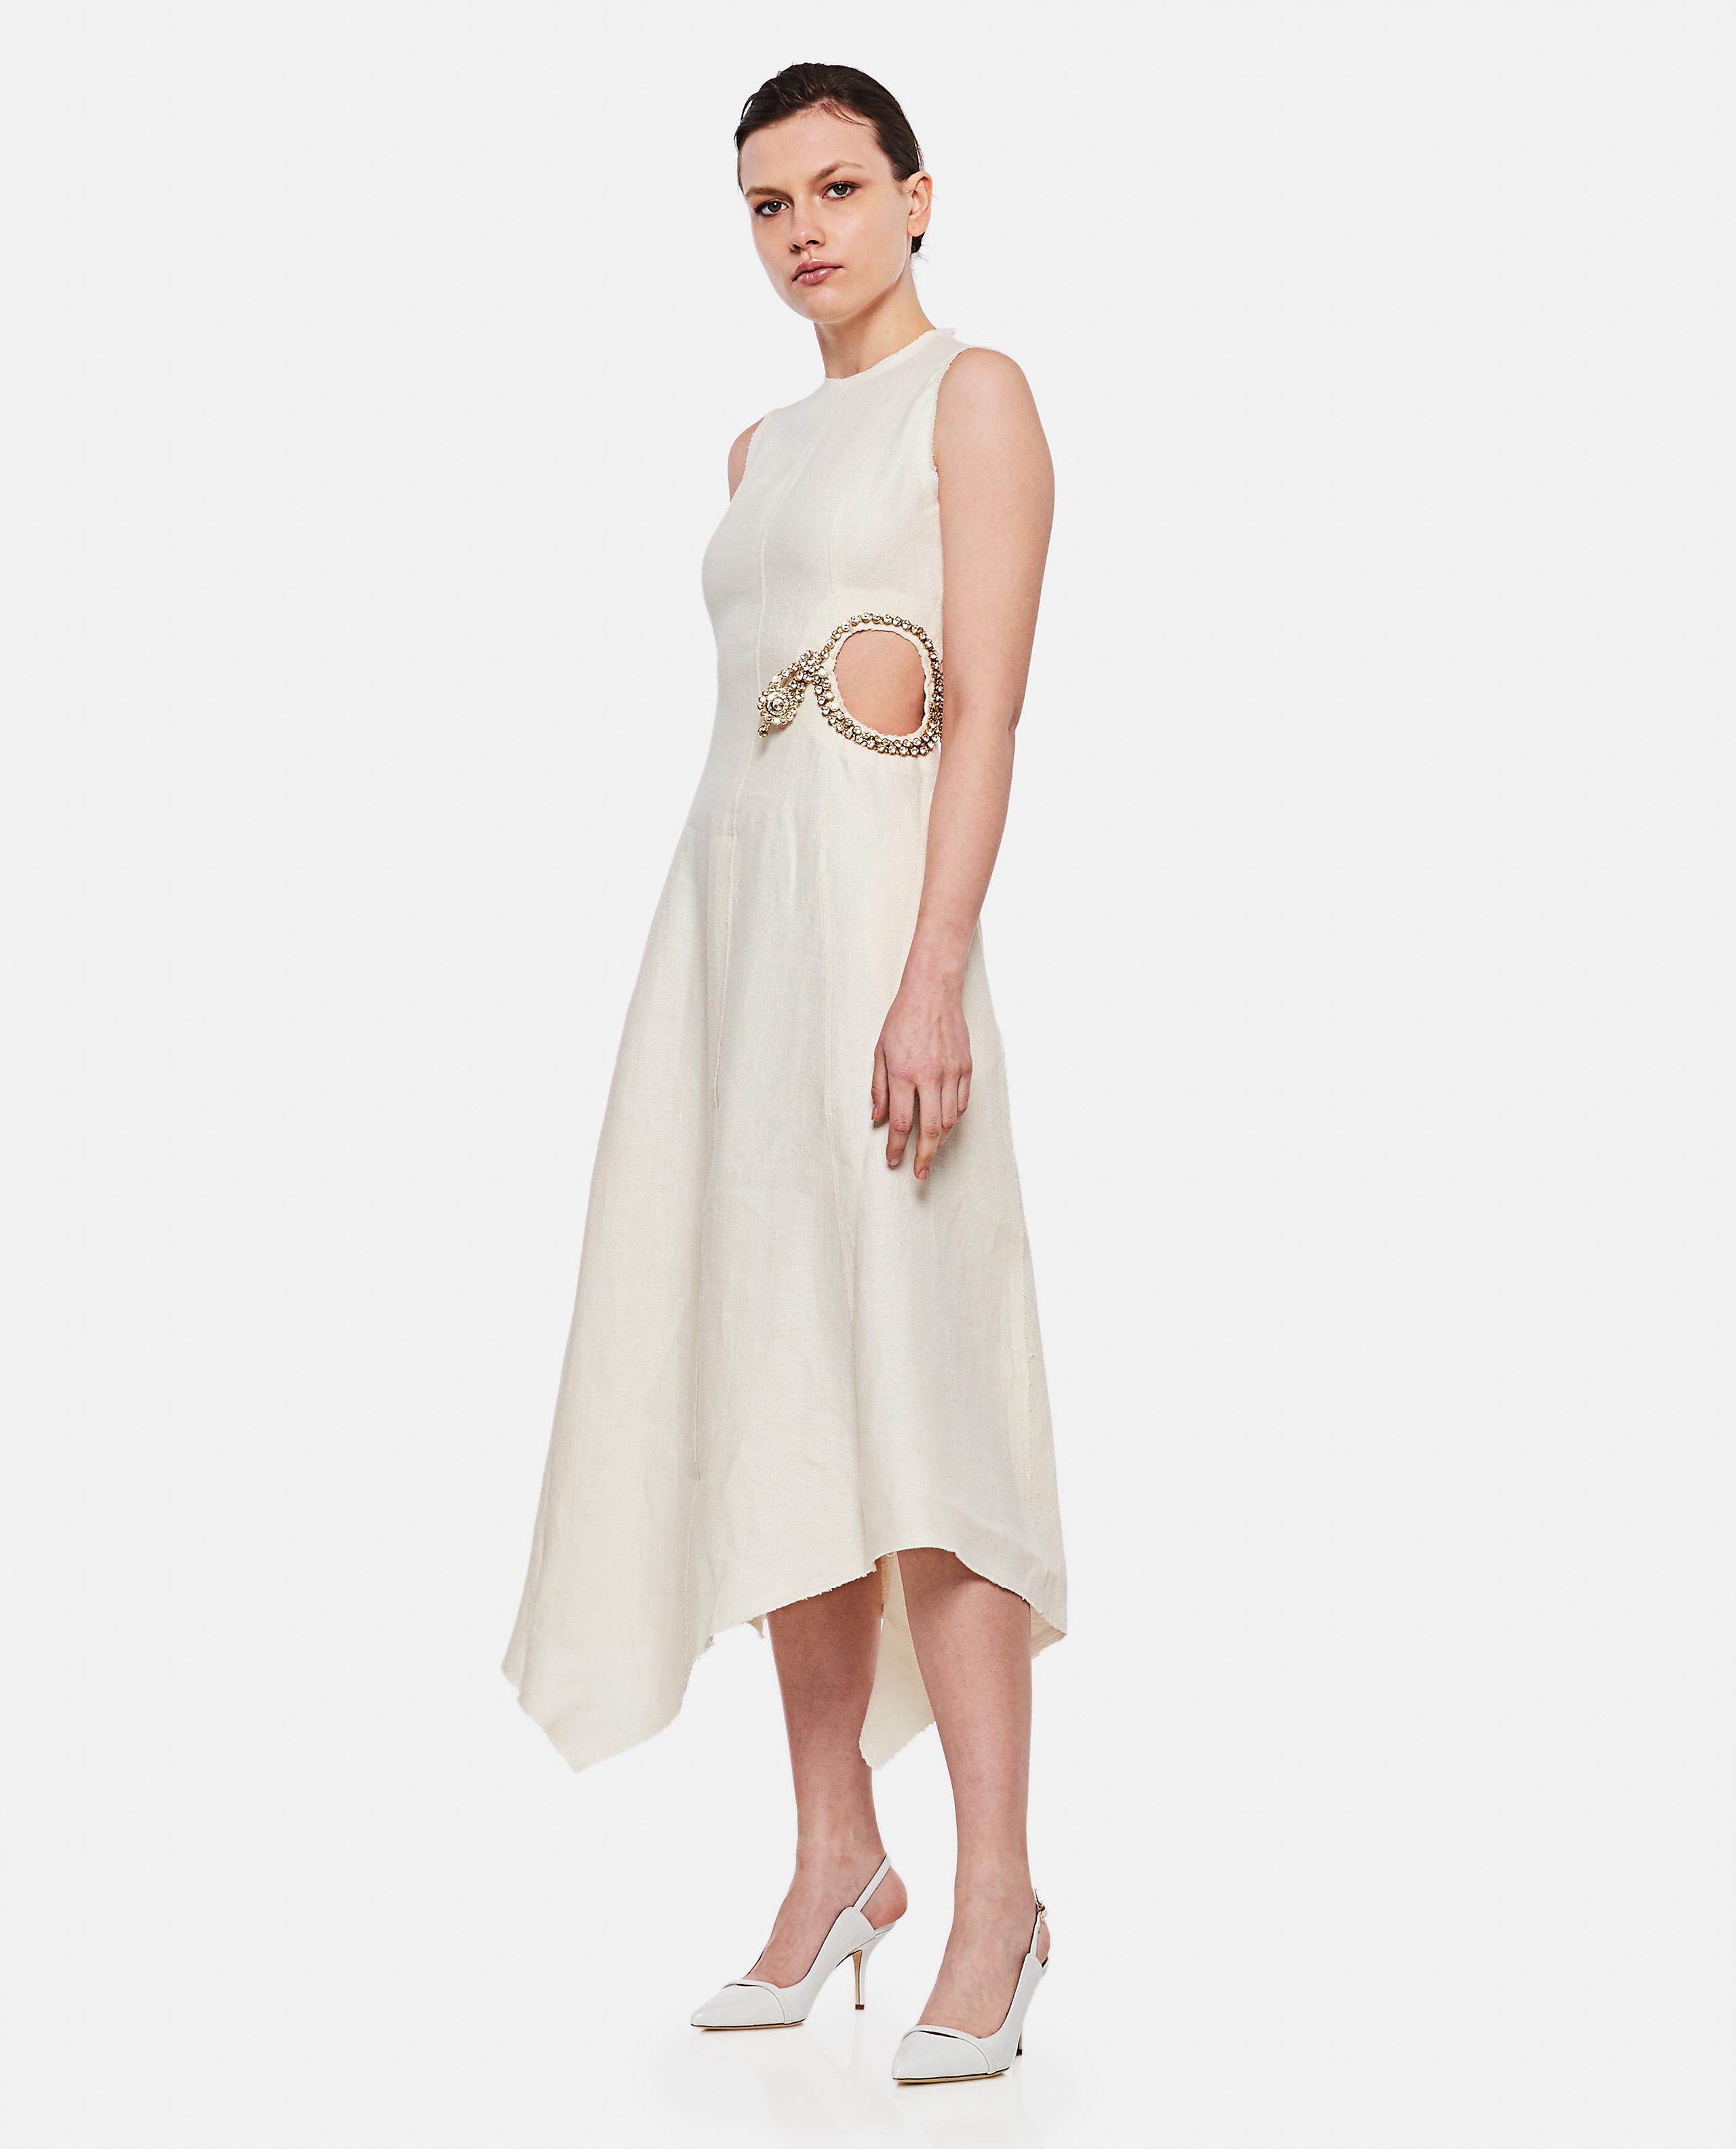 Dress with gems